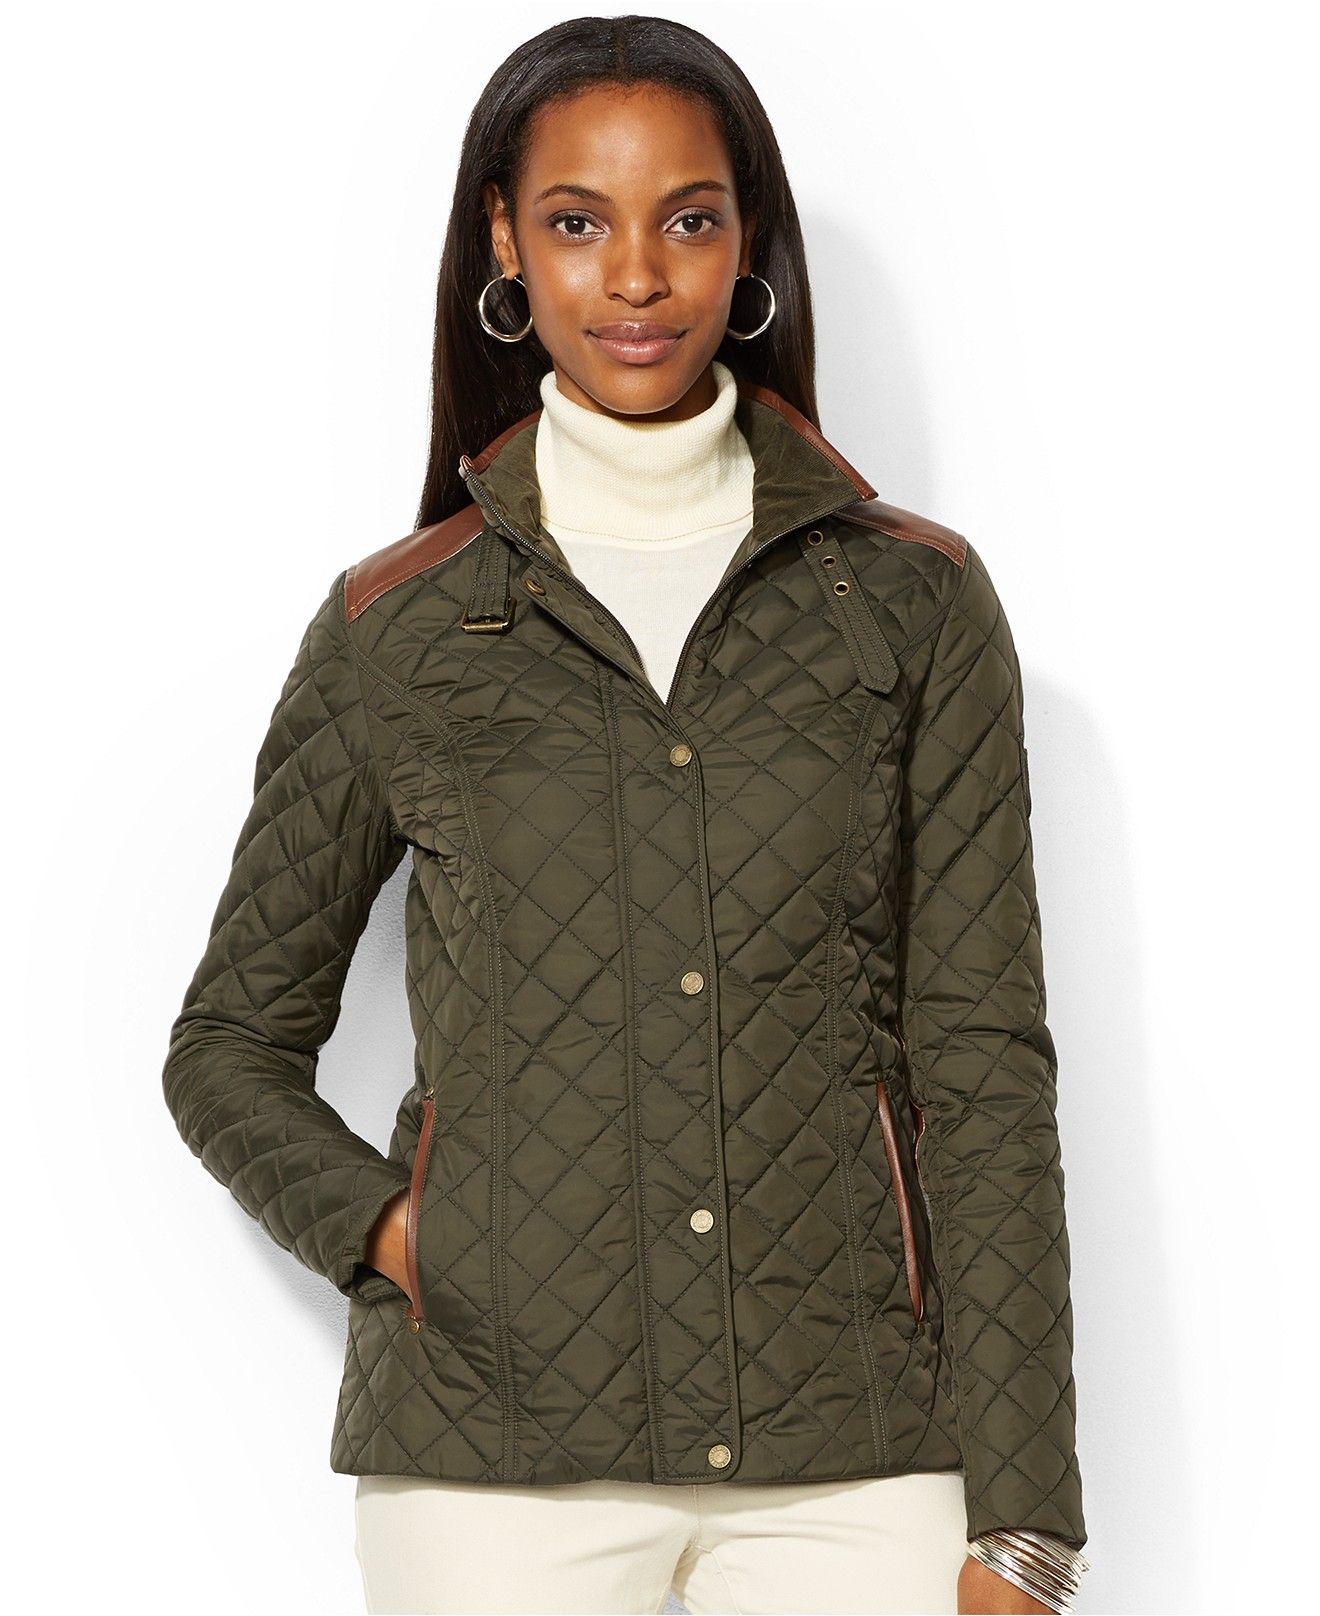 c0c6d2c4eb66 Lauren Ralph Lauren Quilted Snap-Front Equestrian Jacket - Clearance -  Women - Macy's